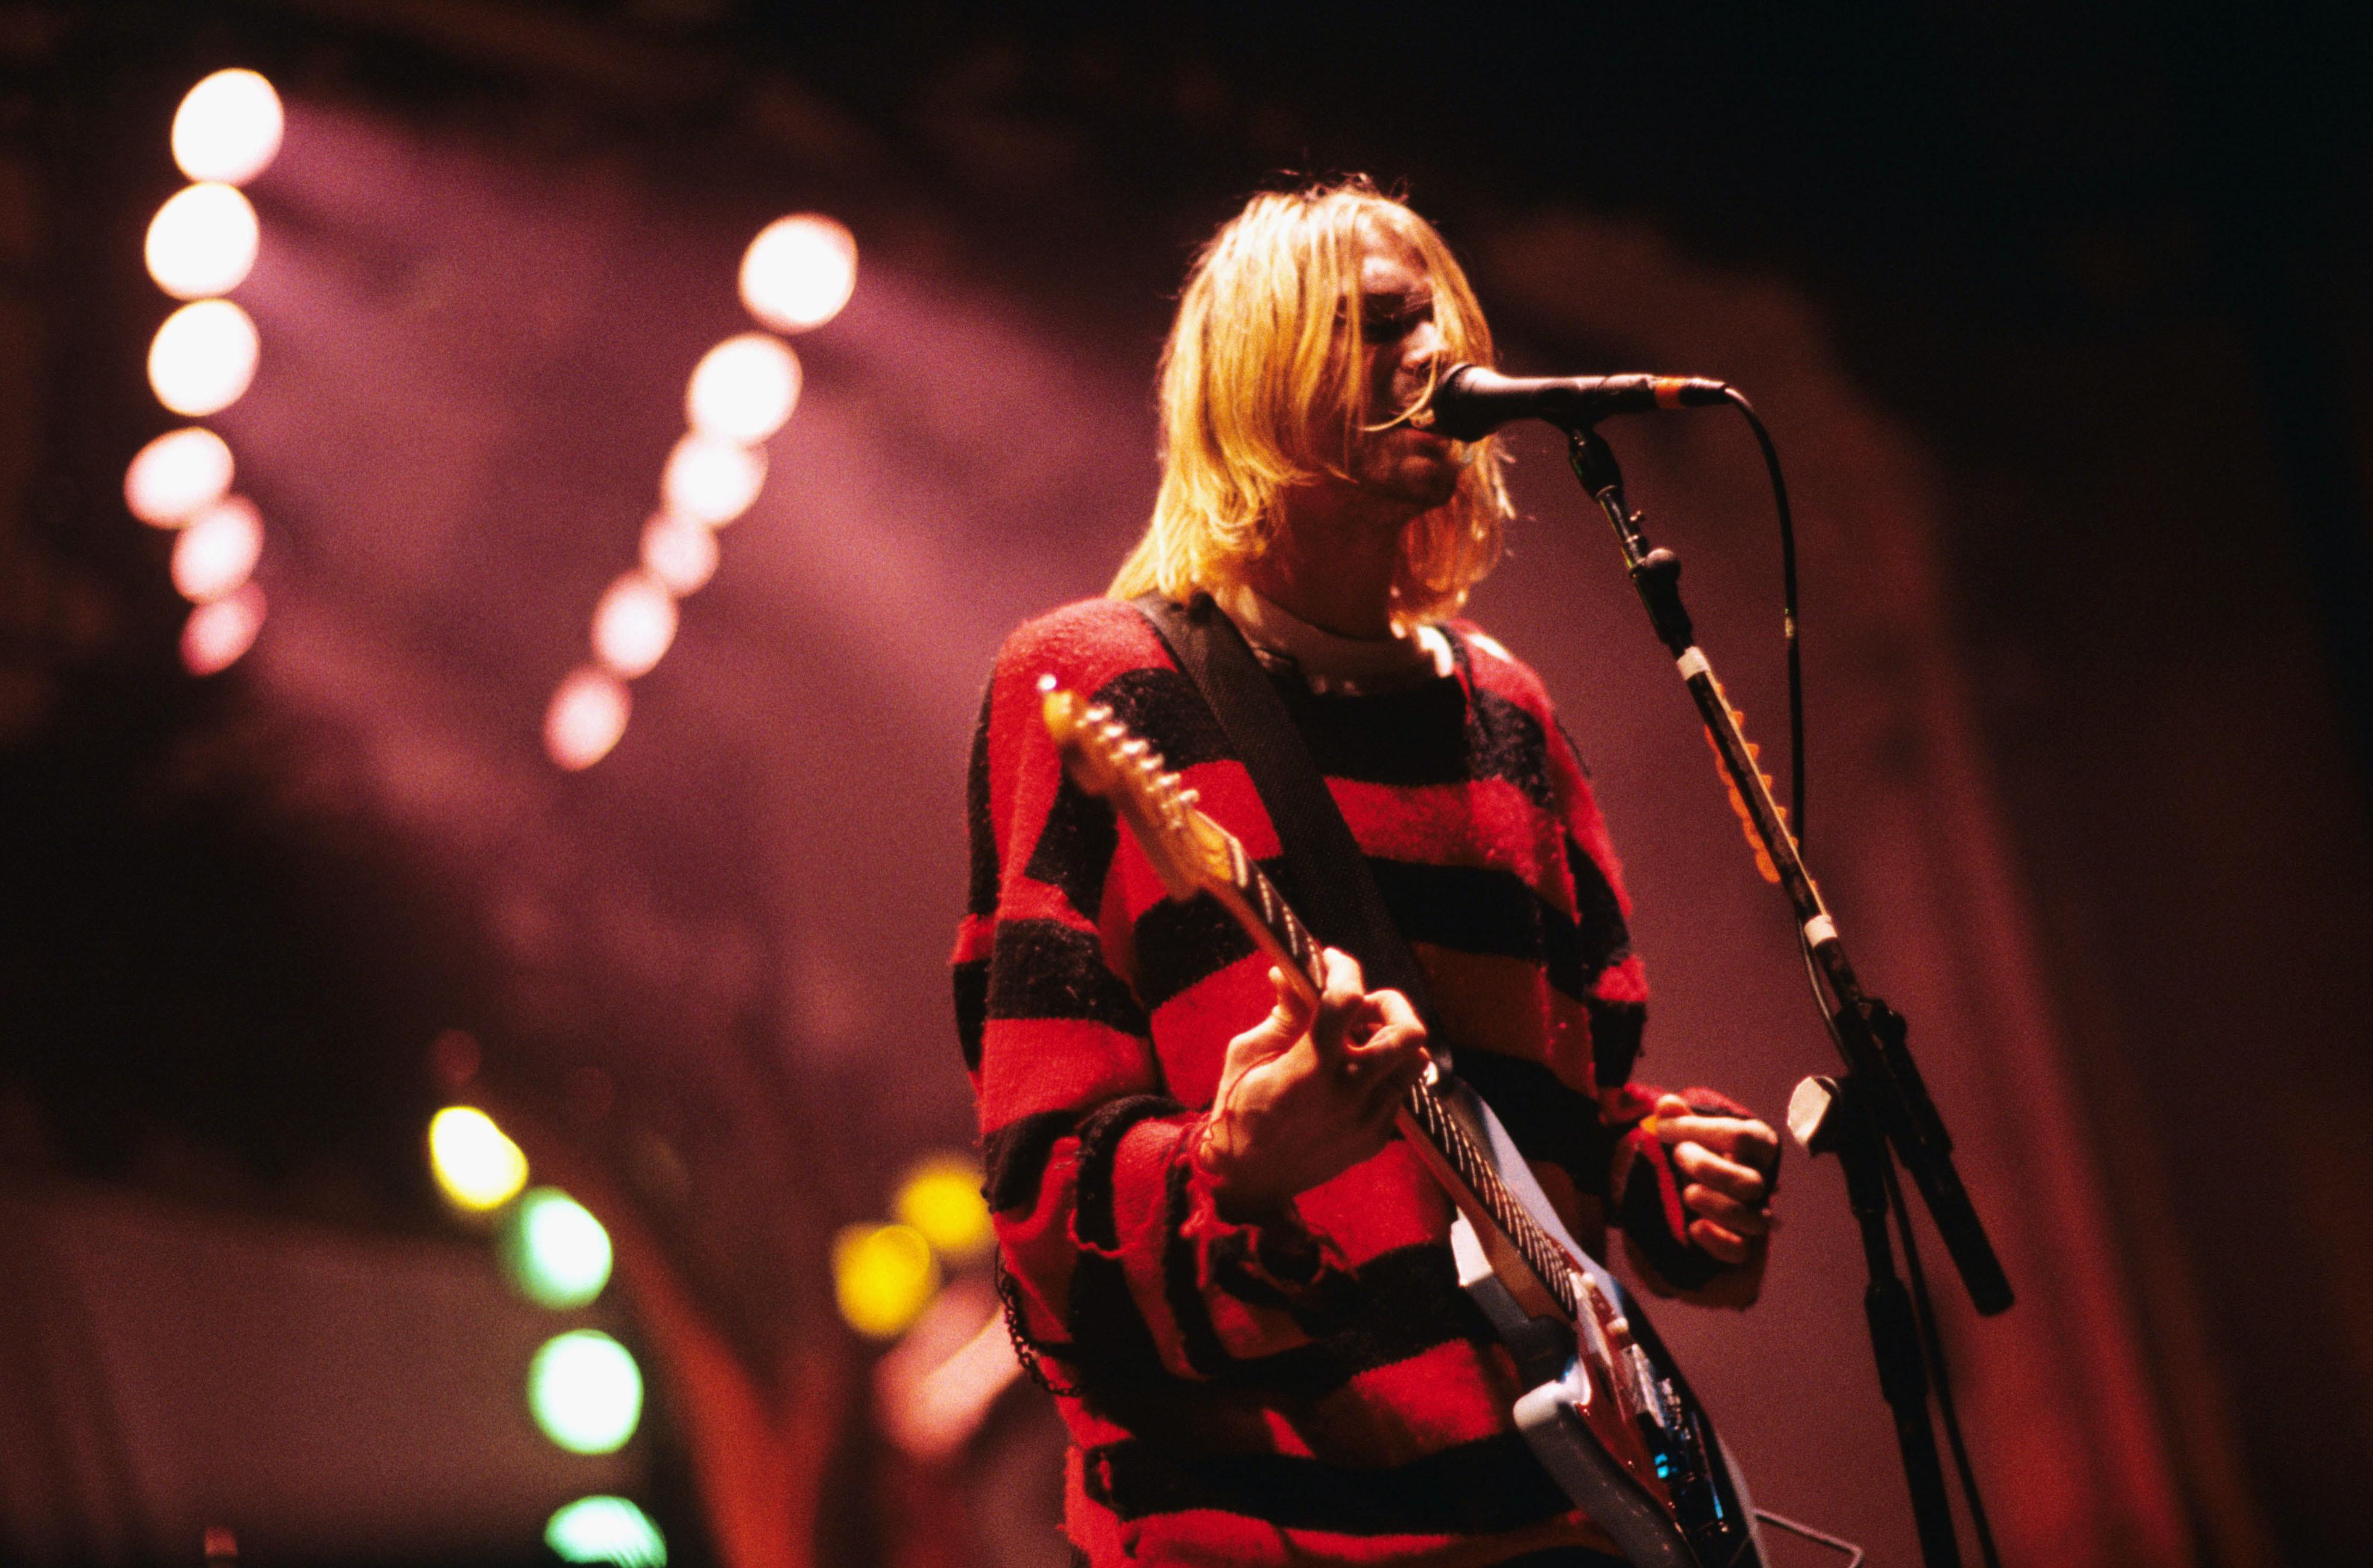 Kurt Cobain Full Hd